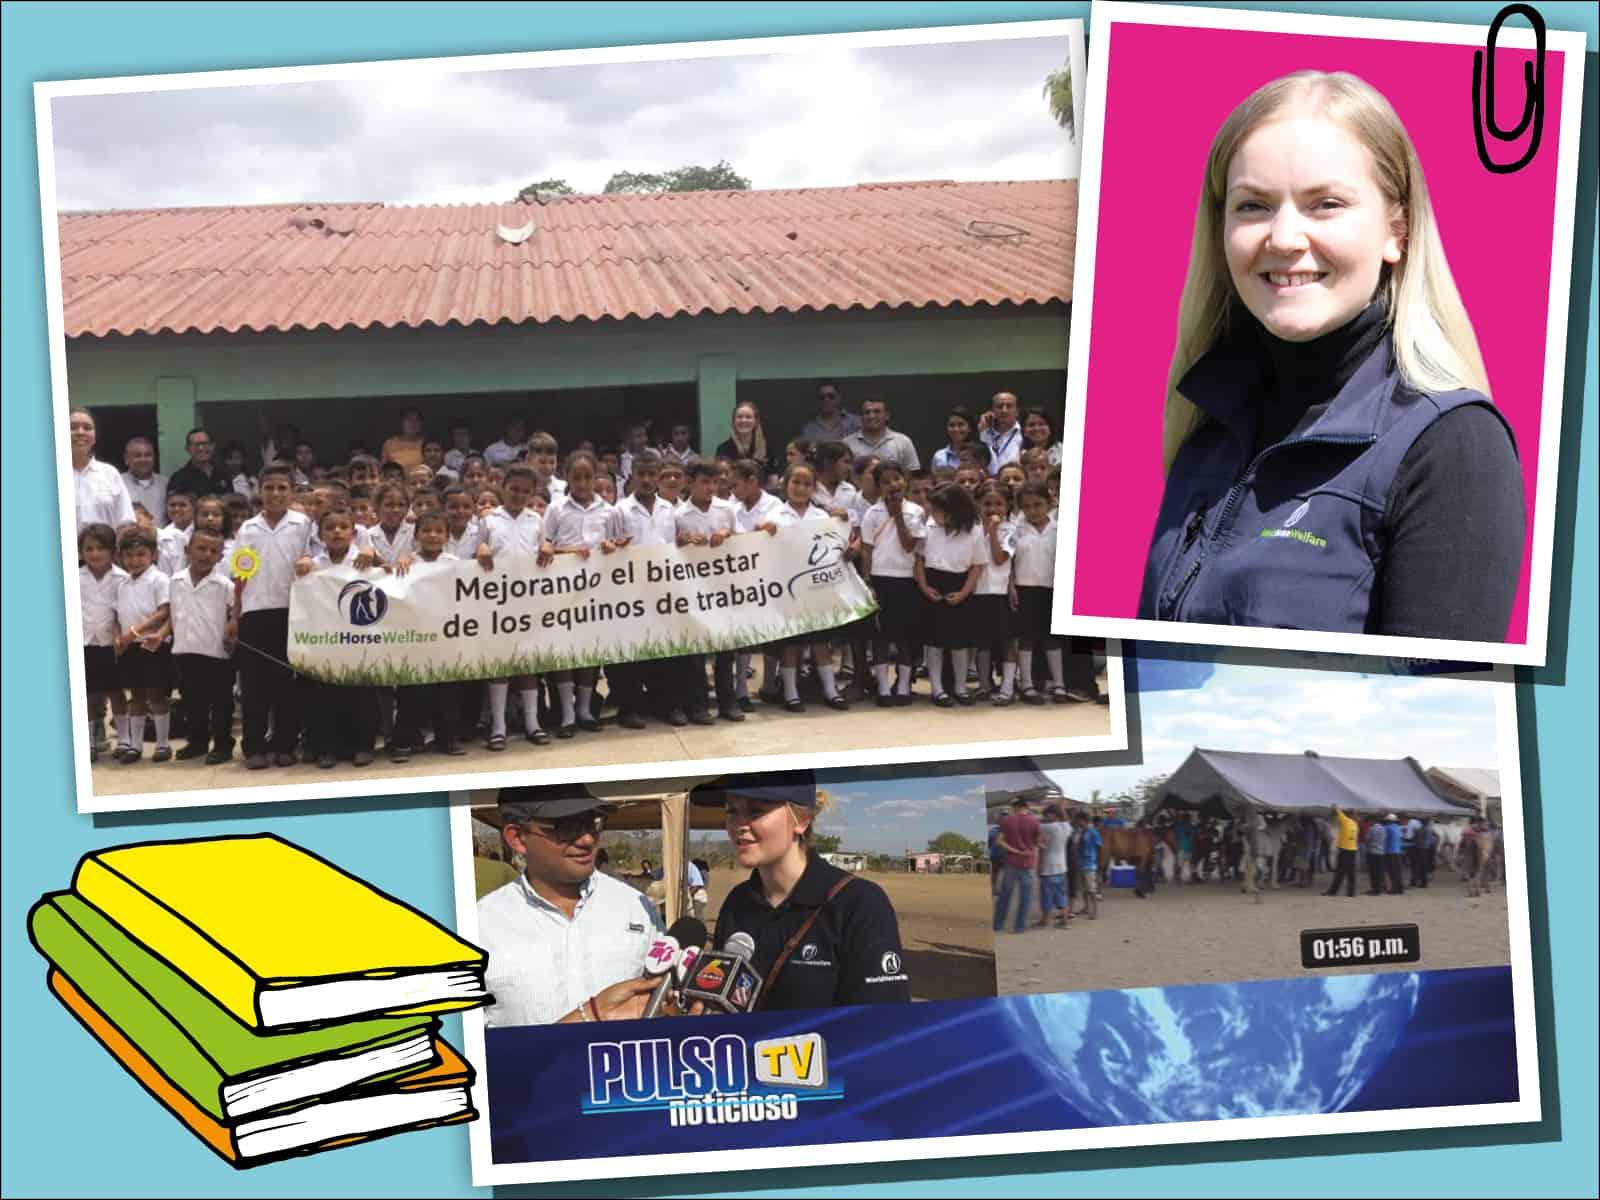 Rebecca, International programme officer at World Horse Welfare